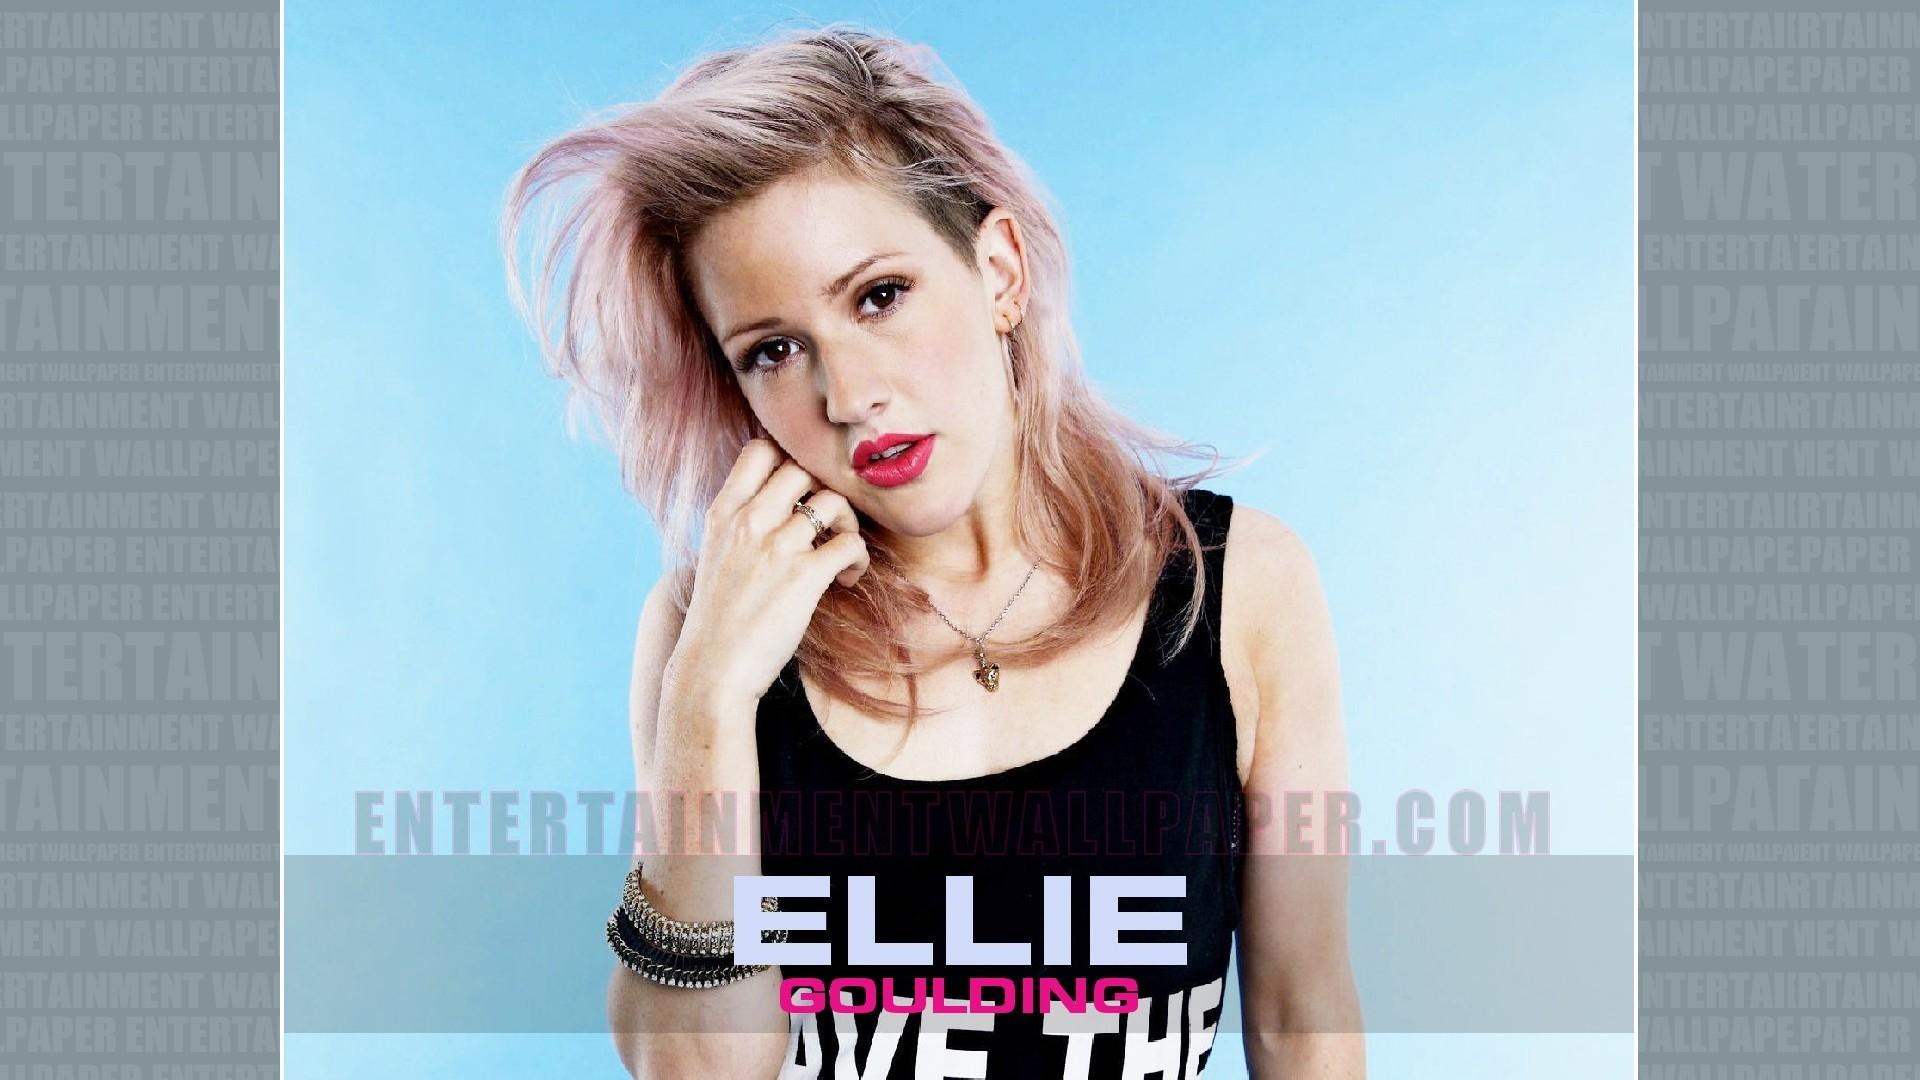 1920x1080 Ellie Goulding HD Wallpaper